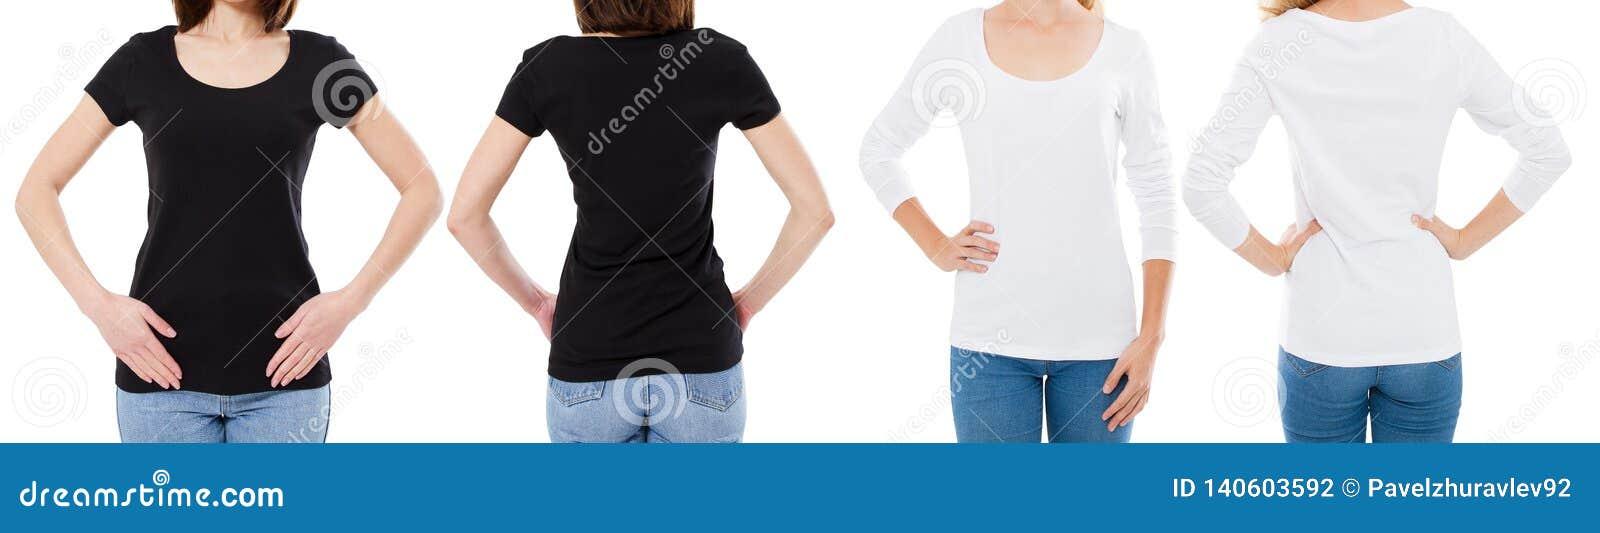 La donna in maglietta bianca e nera ha isolato le opzioni della maglietta dello spazio in bianco di immagine di Front And Rear Vi